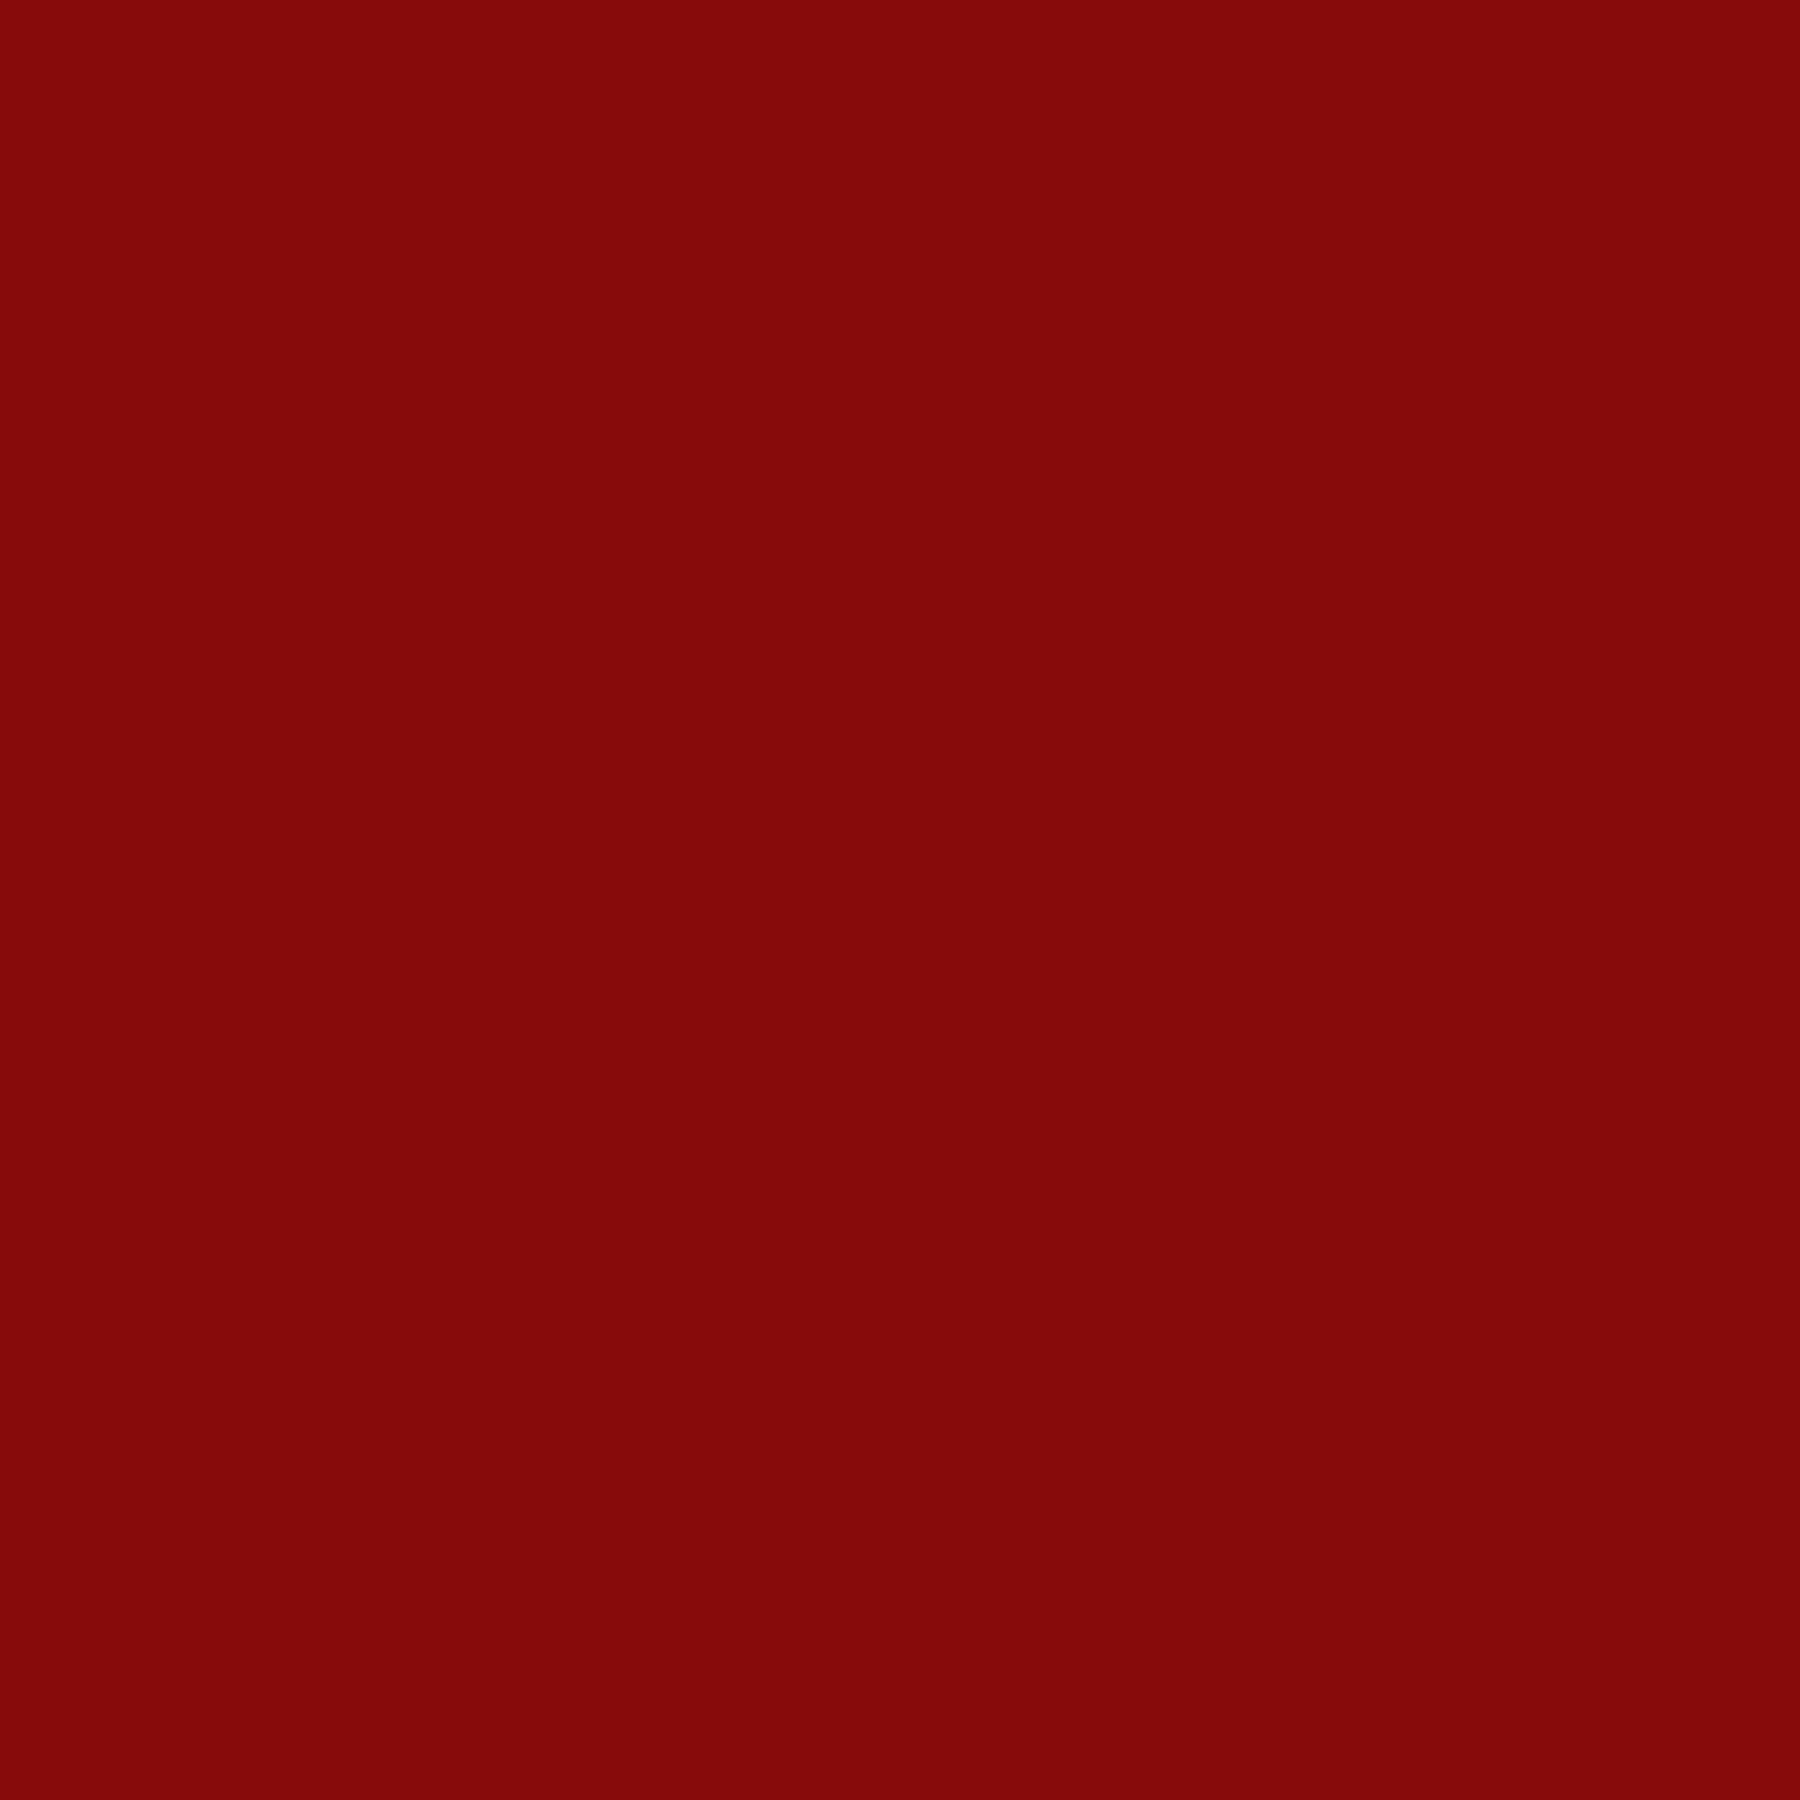 Brandy - Leather Dye